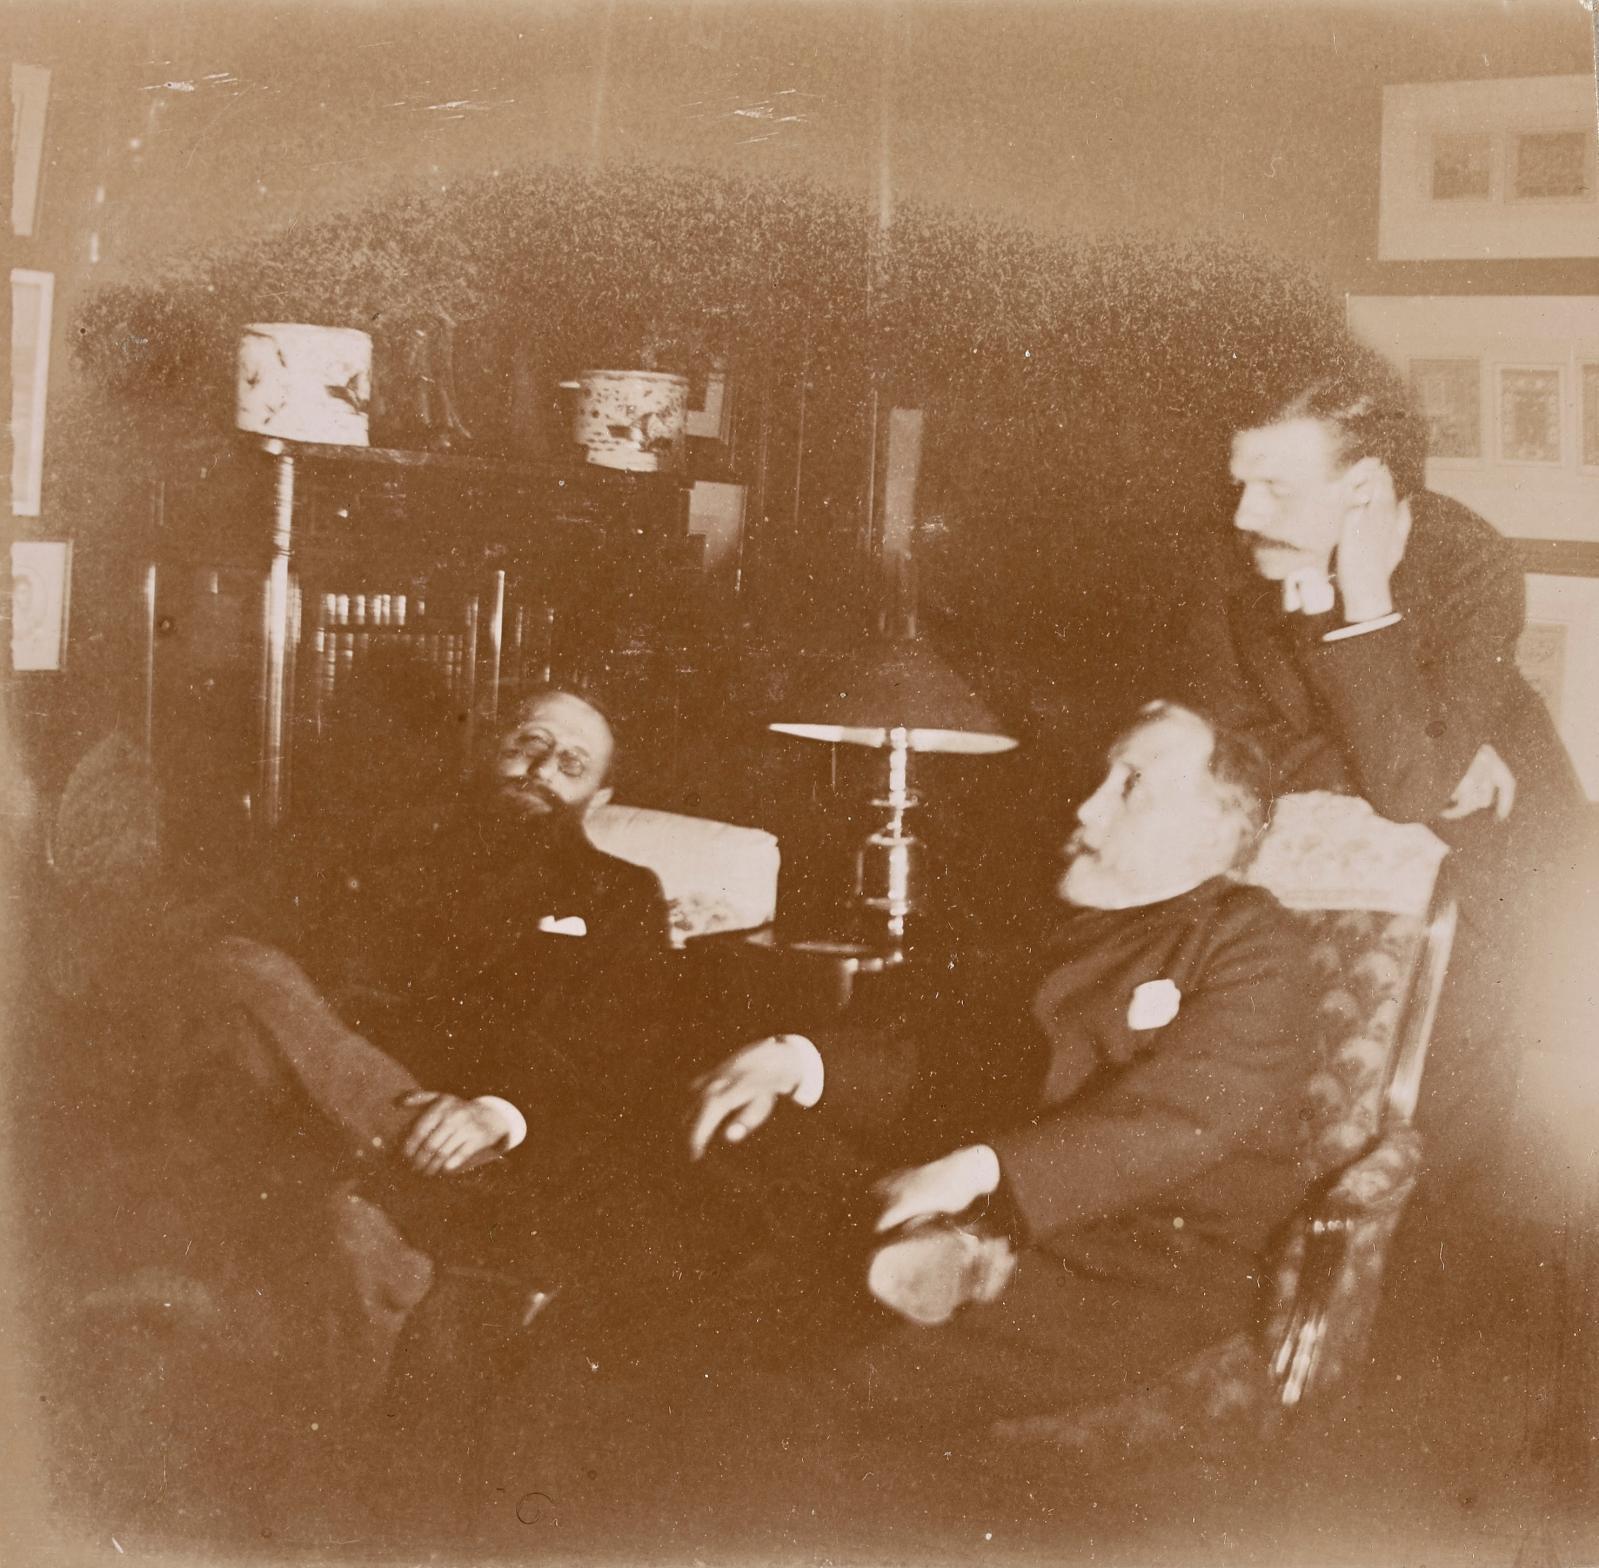 Edgar Degas, Jules Taschereau, Jacques-Émile Blanche, Edgar Degas, Paris, mi-décembre1895, 8x8,2cm.